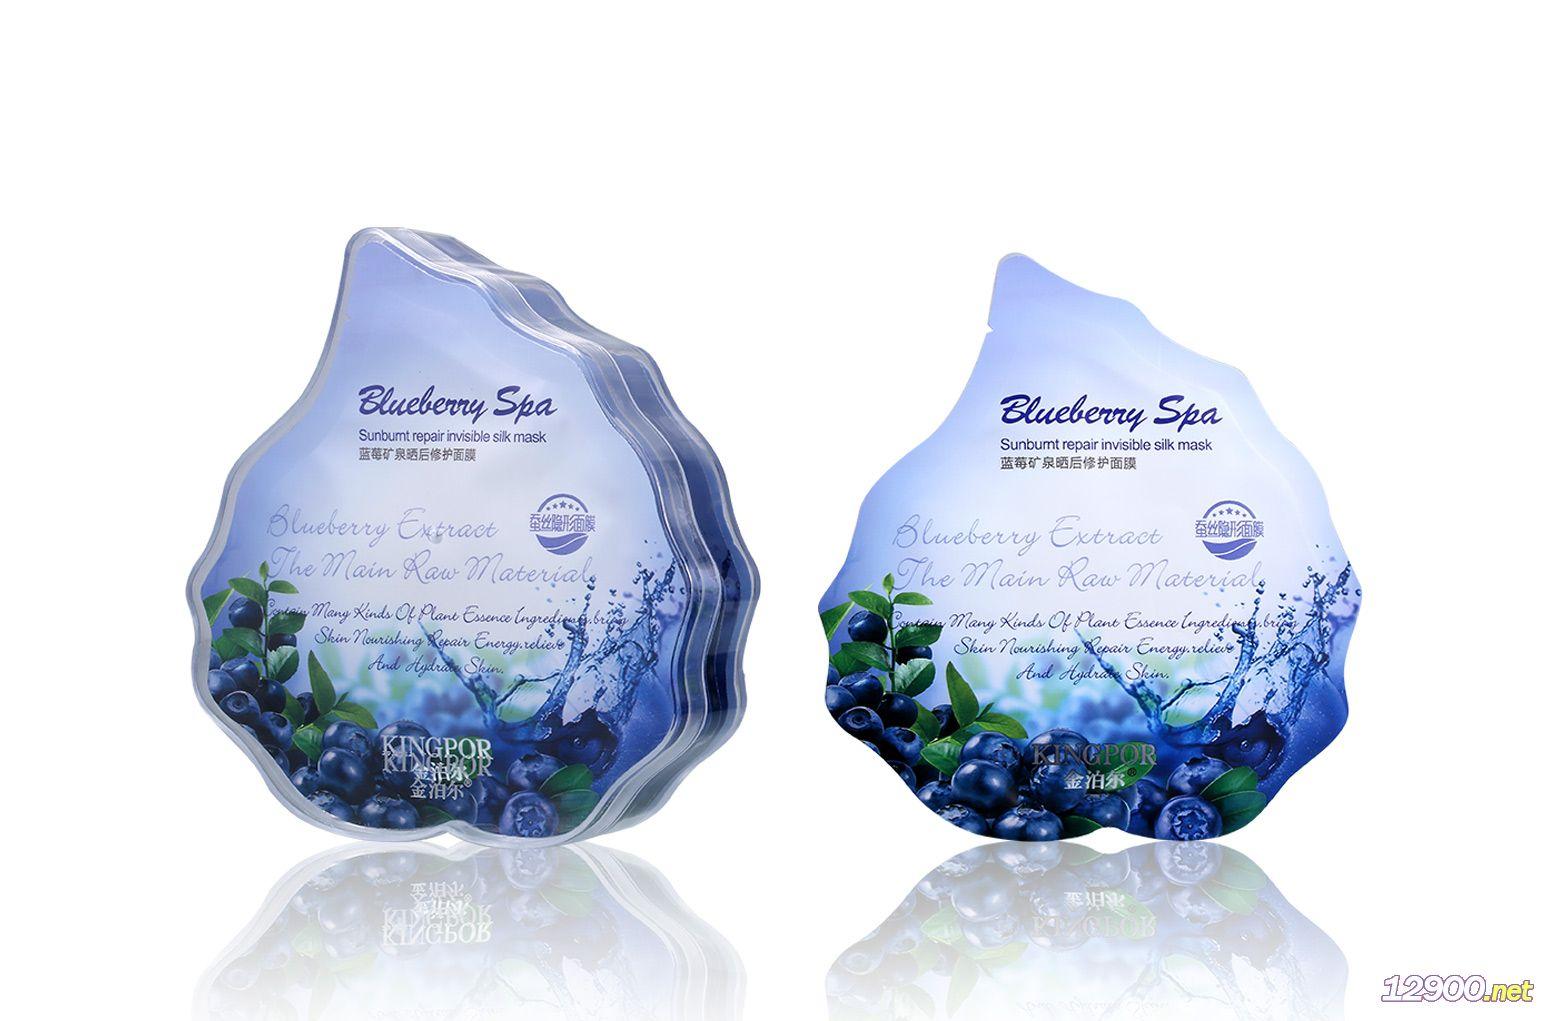 蓝莓矿泉晒后修护蚕丝隐形面膜